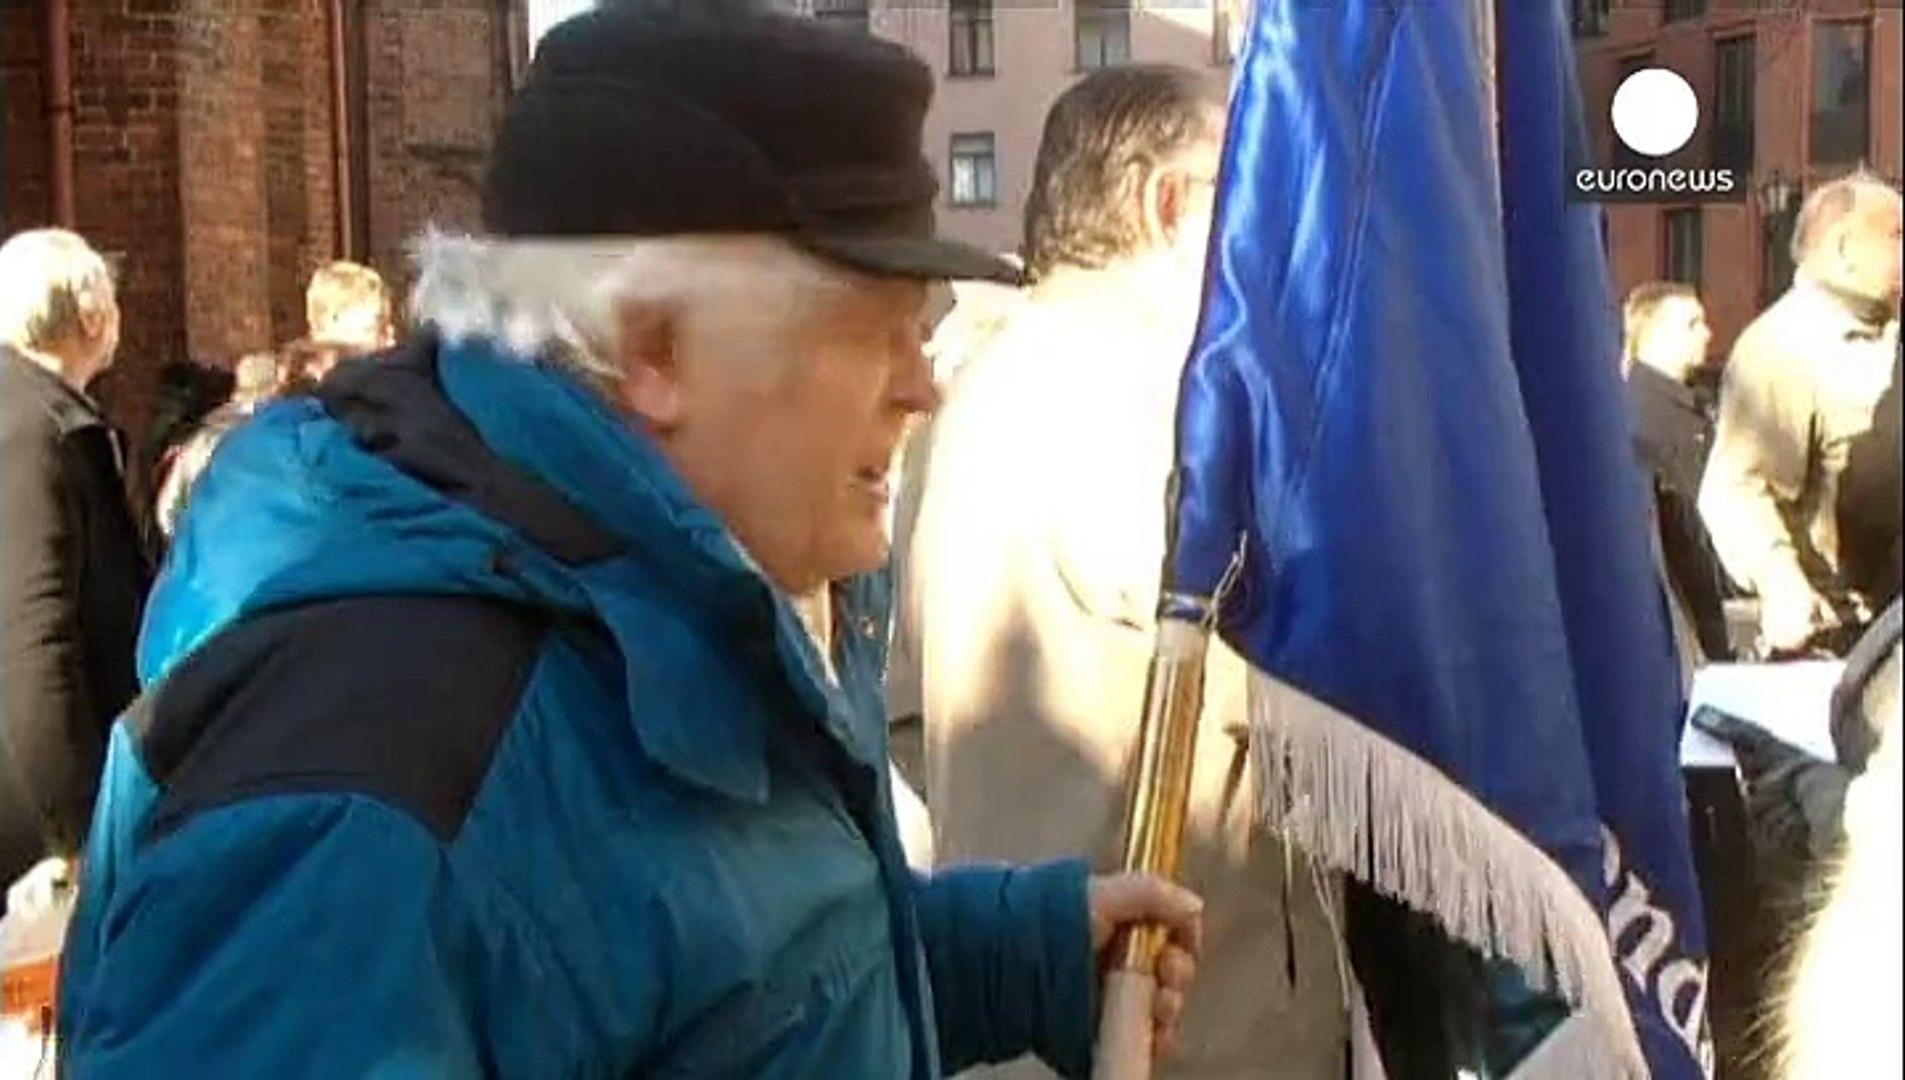 احياء ذكرى المحاربين اللاتفيين الذين انضموا للقوات النازية خلال الحرب العالمية الثانية للقتال ضد الا